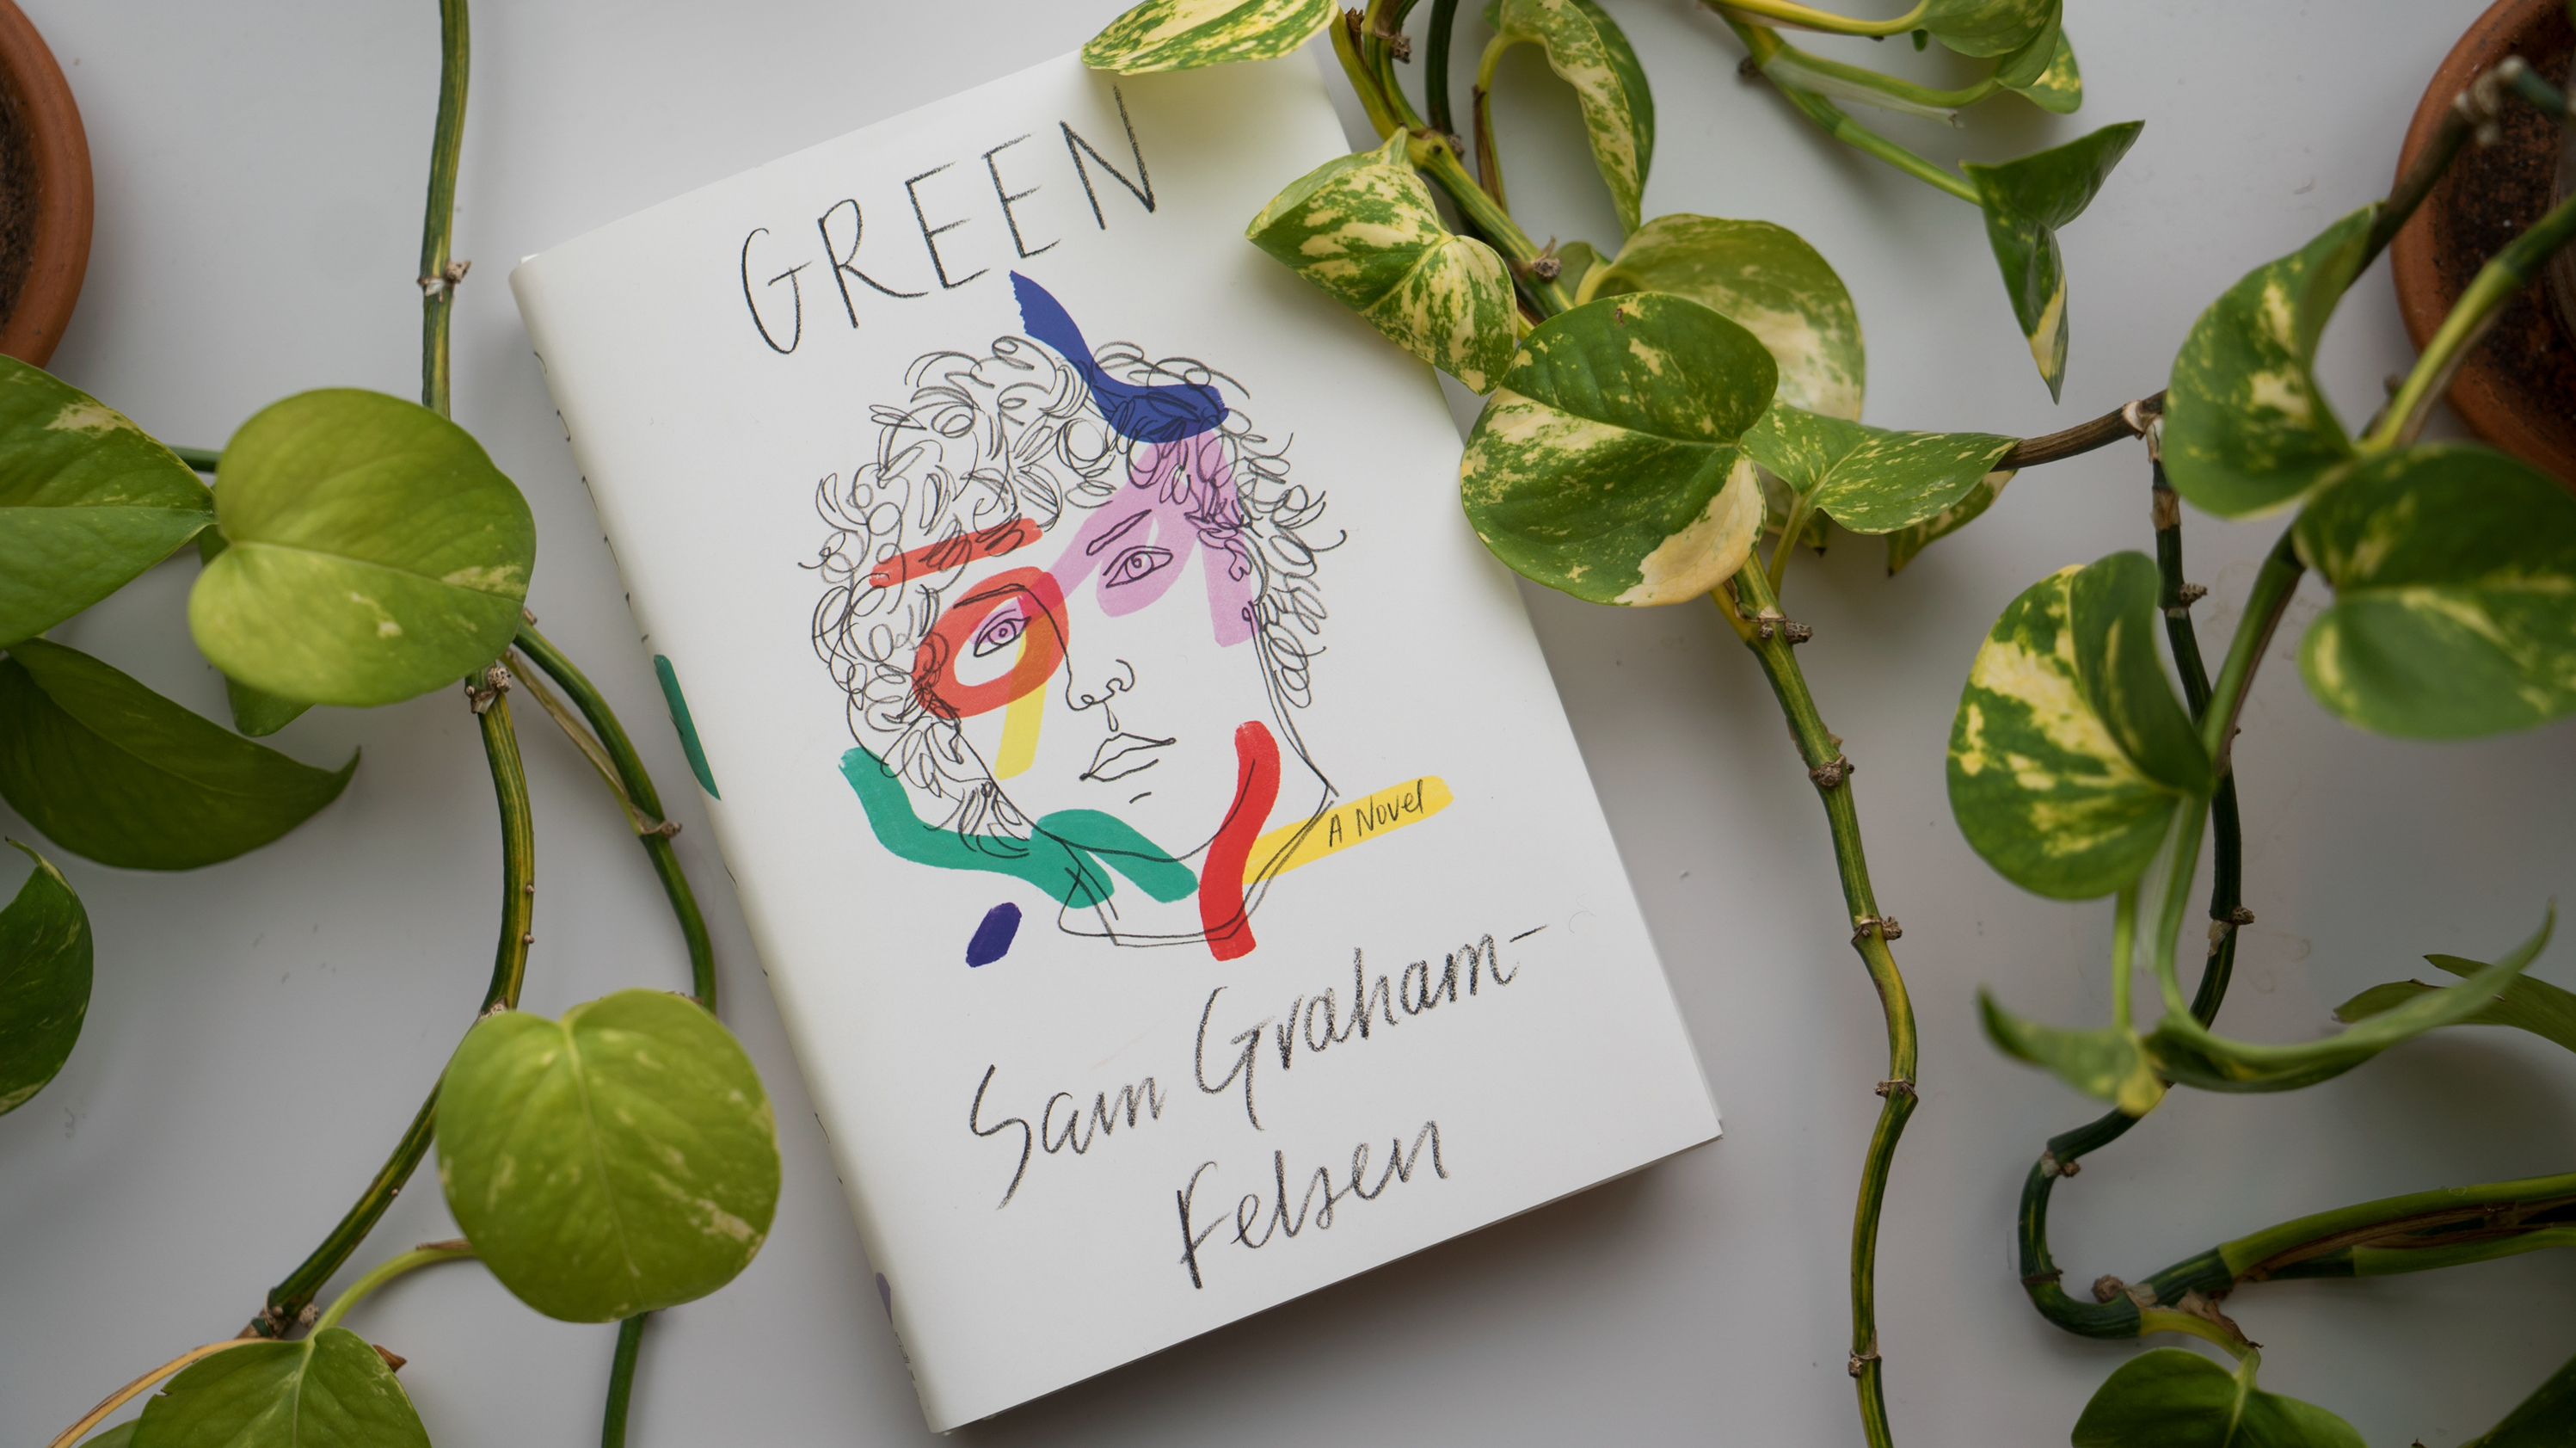 'Green,' By Sam Graham Felsen